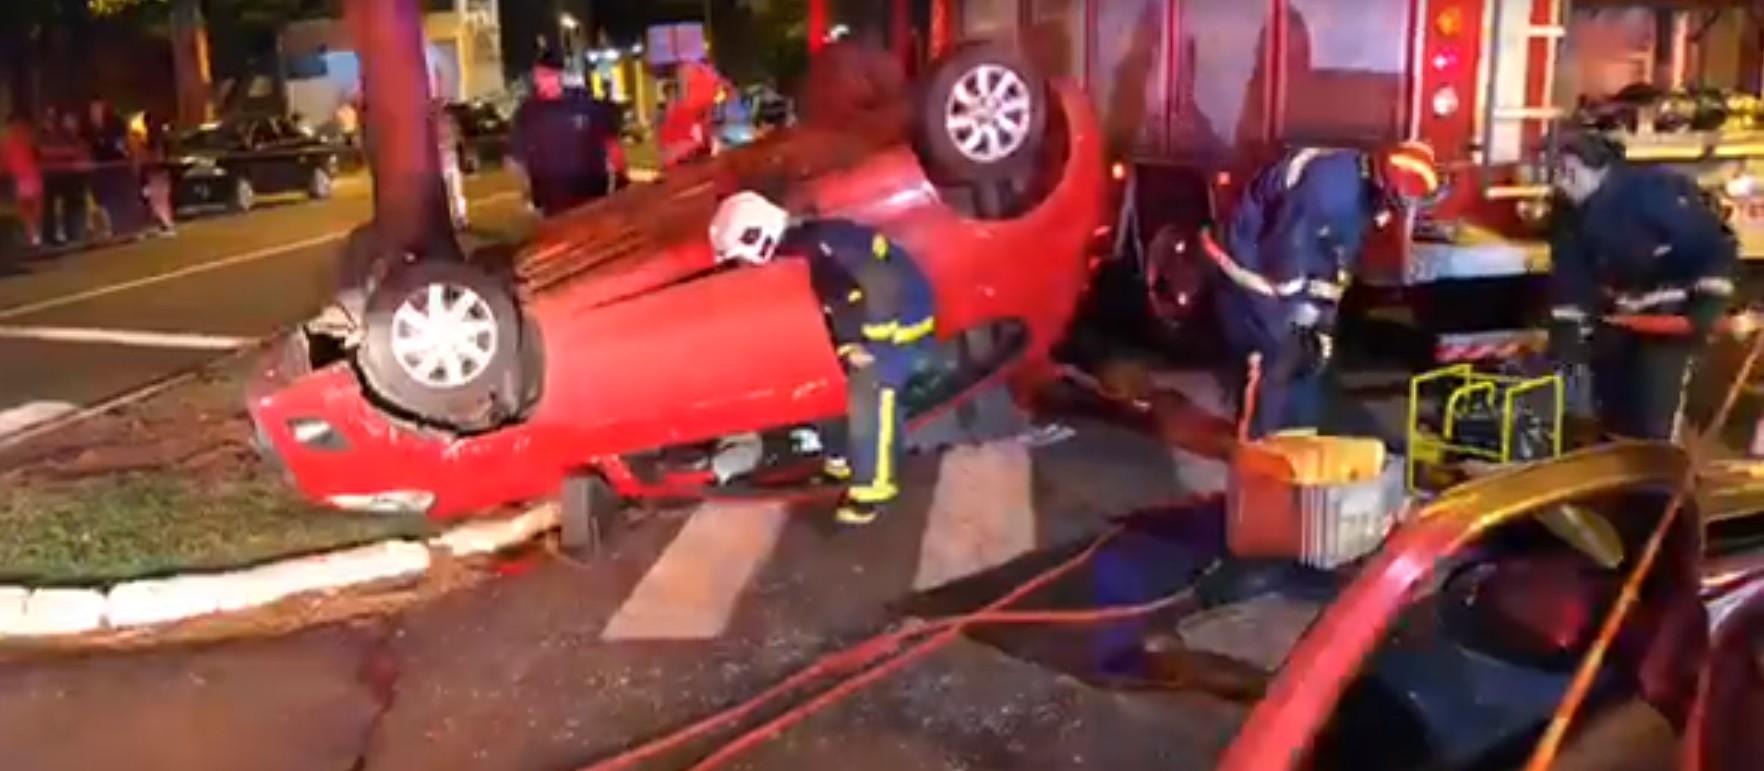 Carro capota após batida e deixa jovem presa dentro do veículo